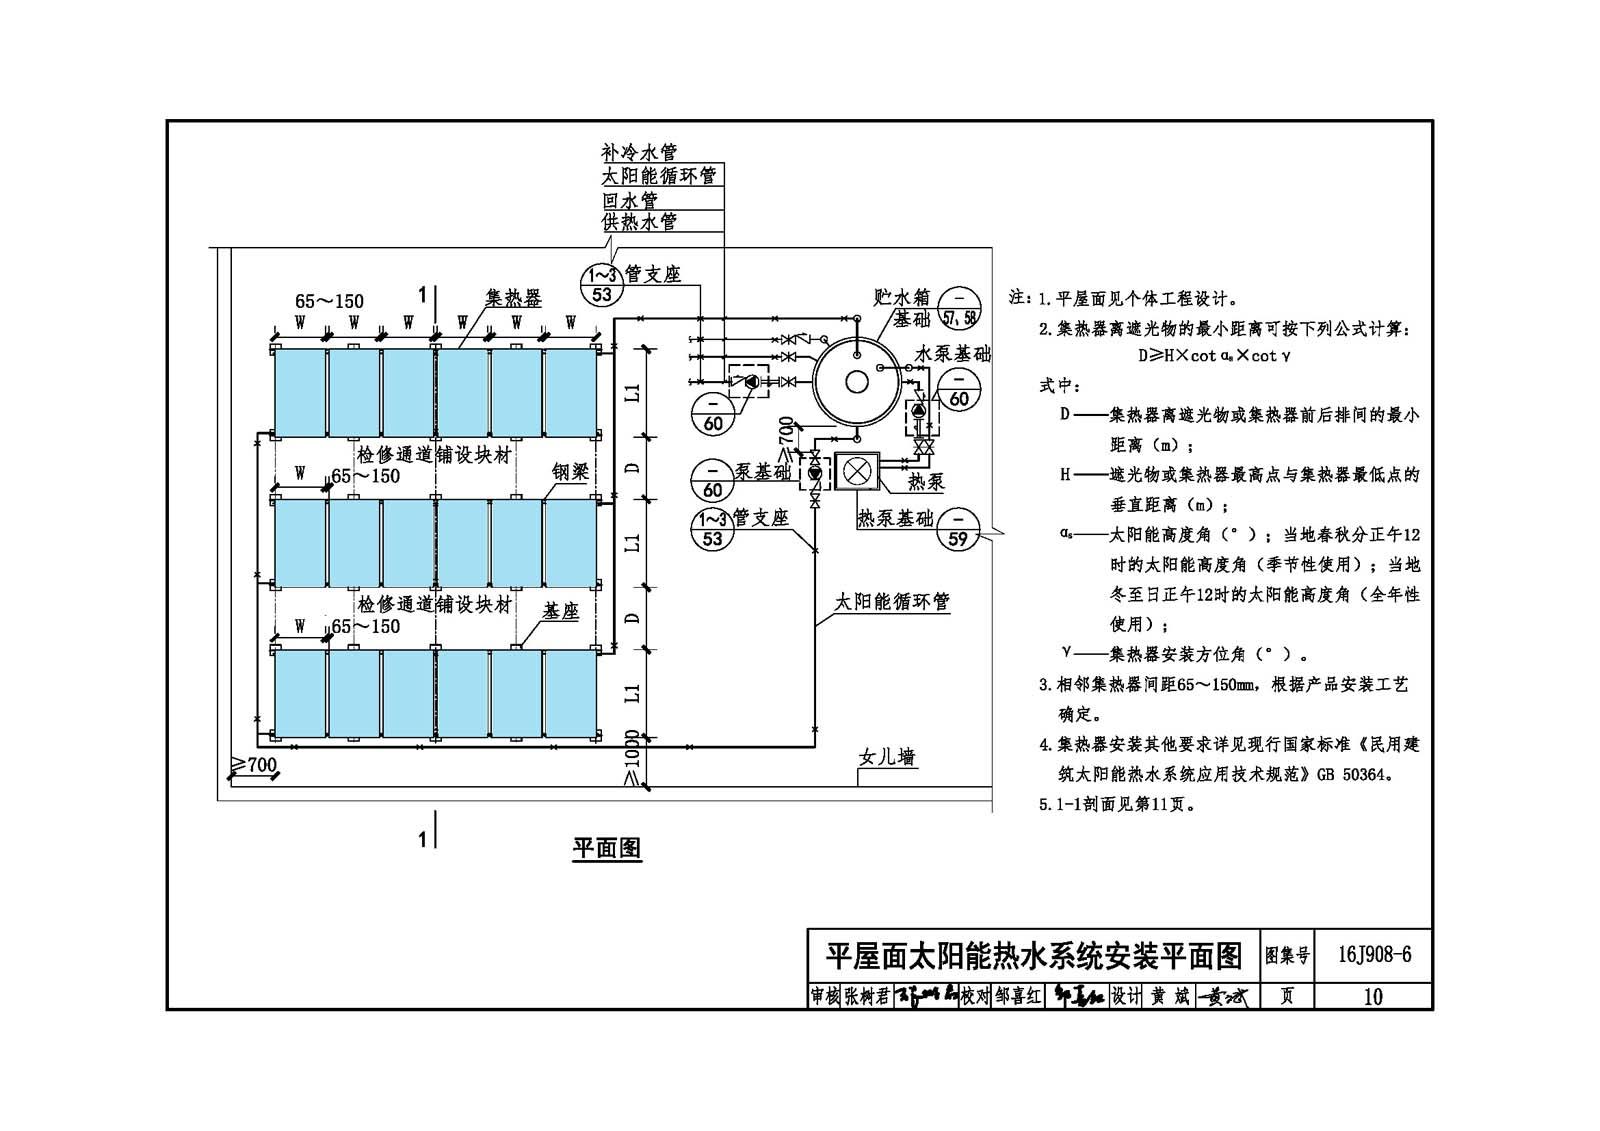 17 钢构架集热器安装剖面图 18 钢构架集热器安装详图 19 坡屋面集热